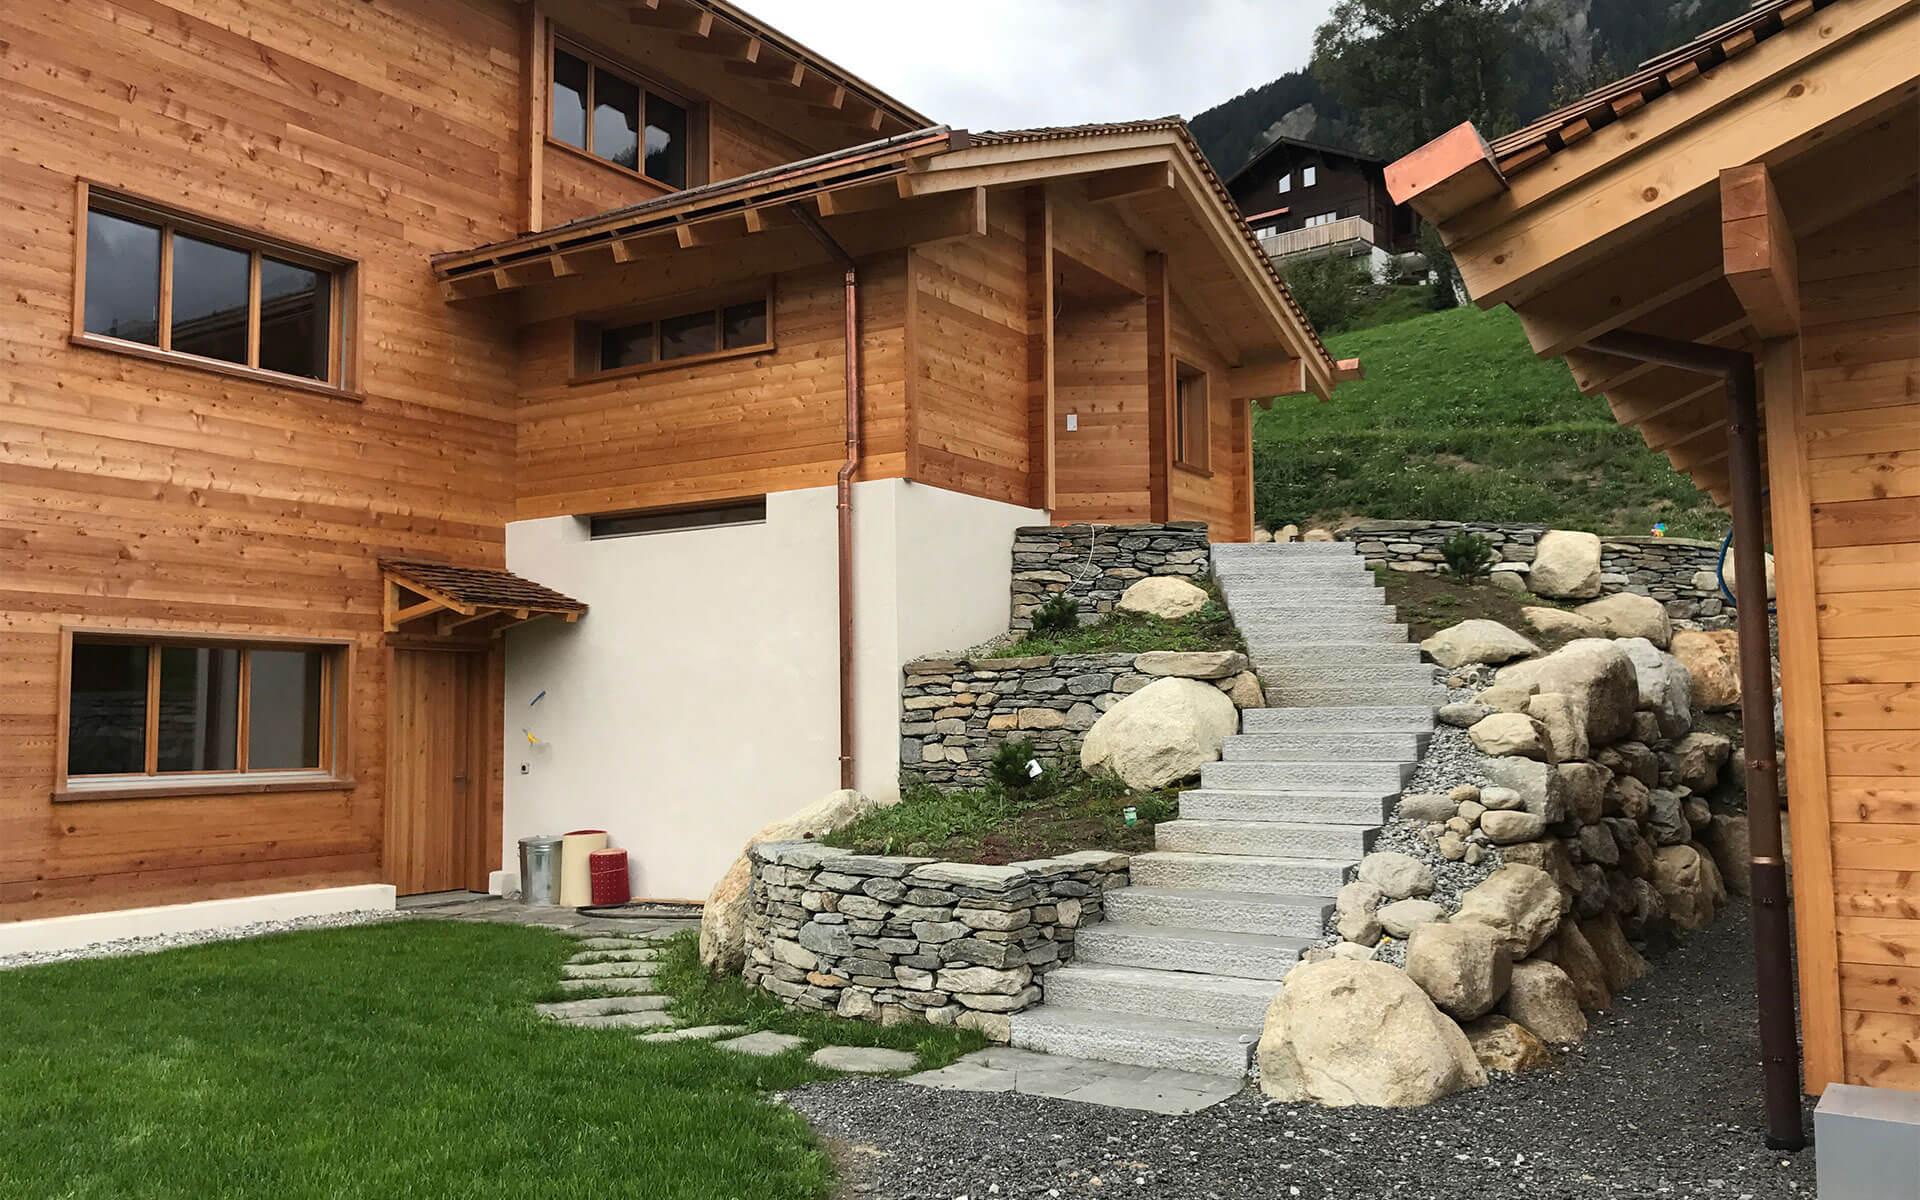 Das Haus besteht aussen aus robustem Lärchenholz – vom Schindeldach über die Fassade bis hin zum Balkon und den Fenstern.